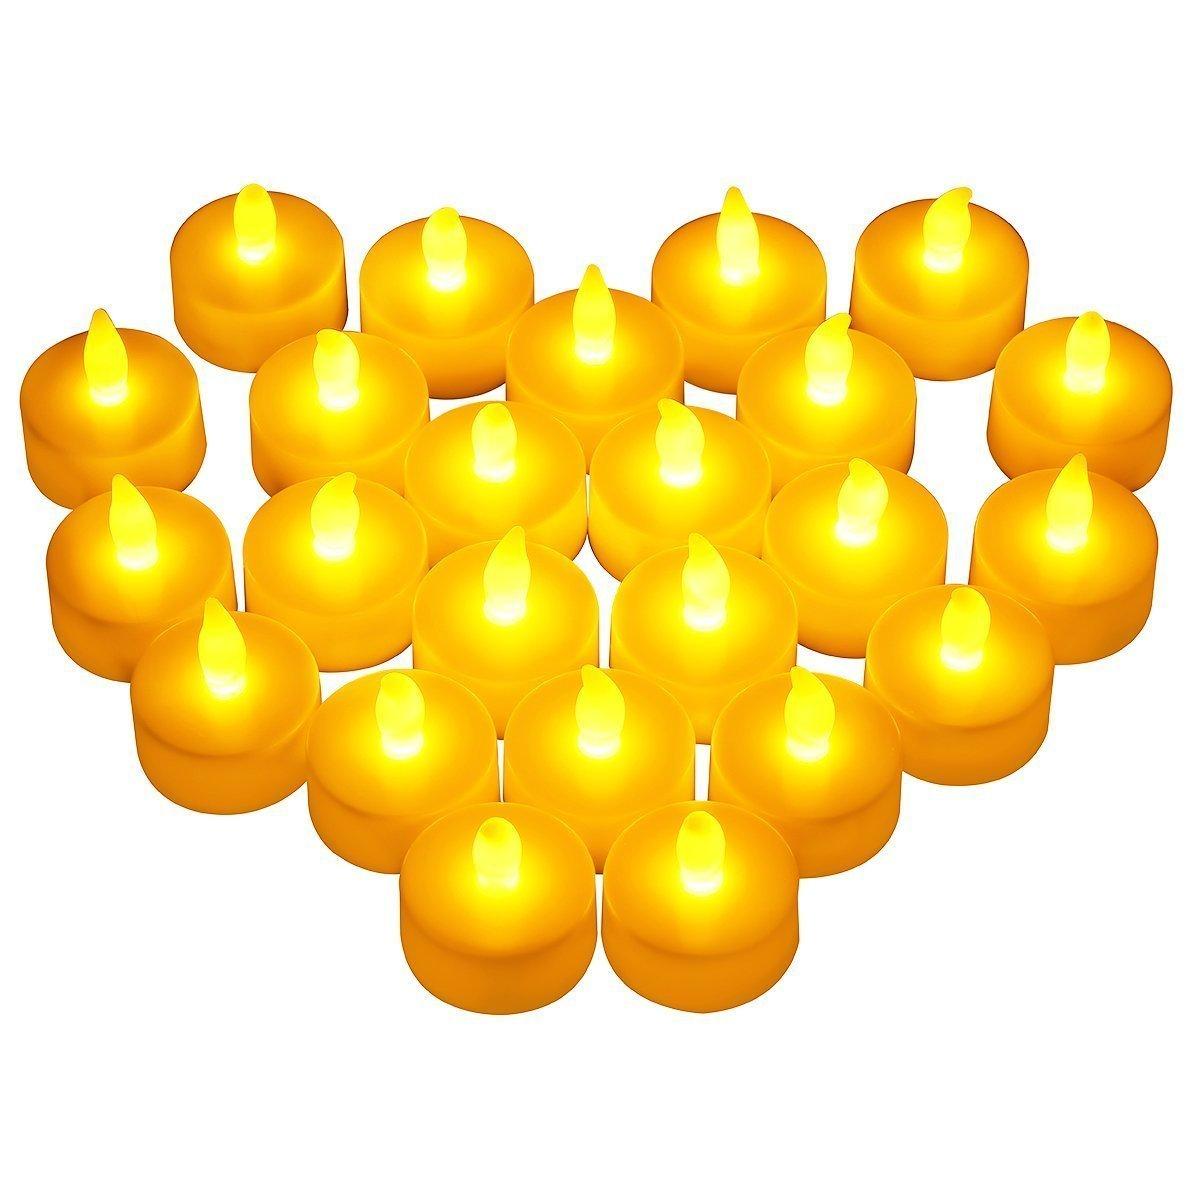 VicTsing 24 Velas LED, Tiene una Autonomía de 100 Horas y las Velas son de 4cm de Diámetro y 2cm, Tendrán un Ambiente Adecuado y Elegante para la Celebración Estacional y del Festival VTGELE012AW-ESAE2